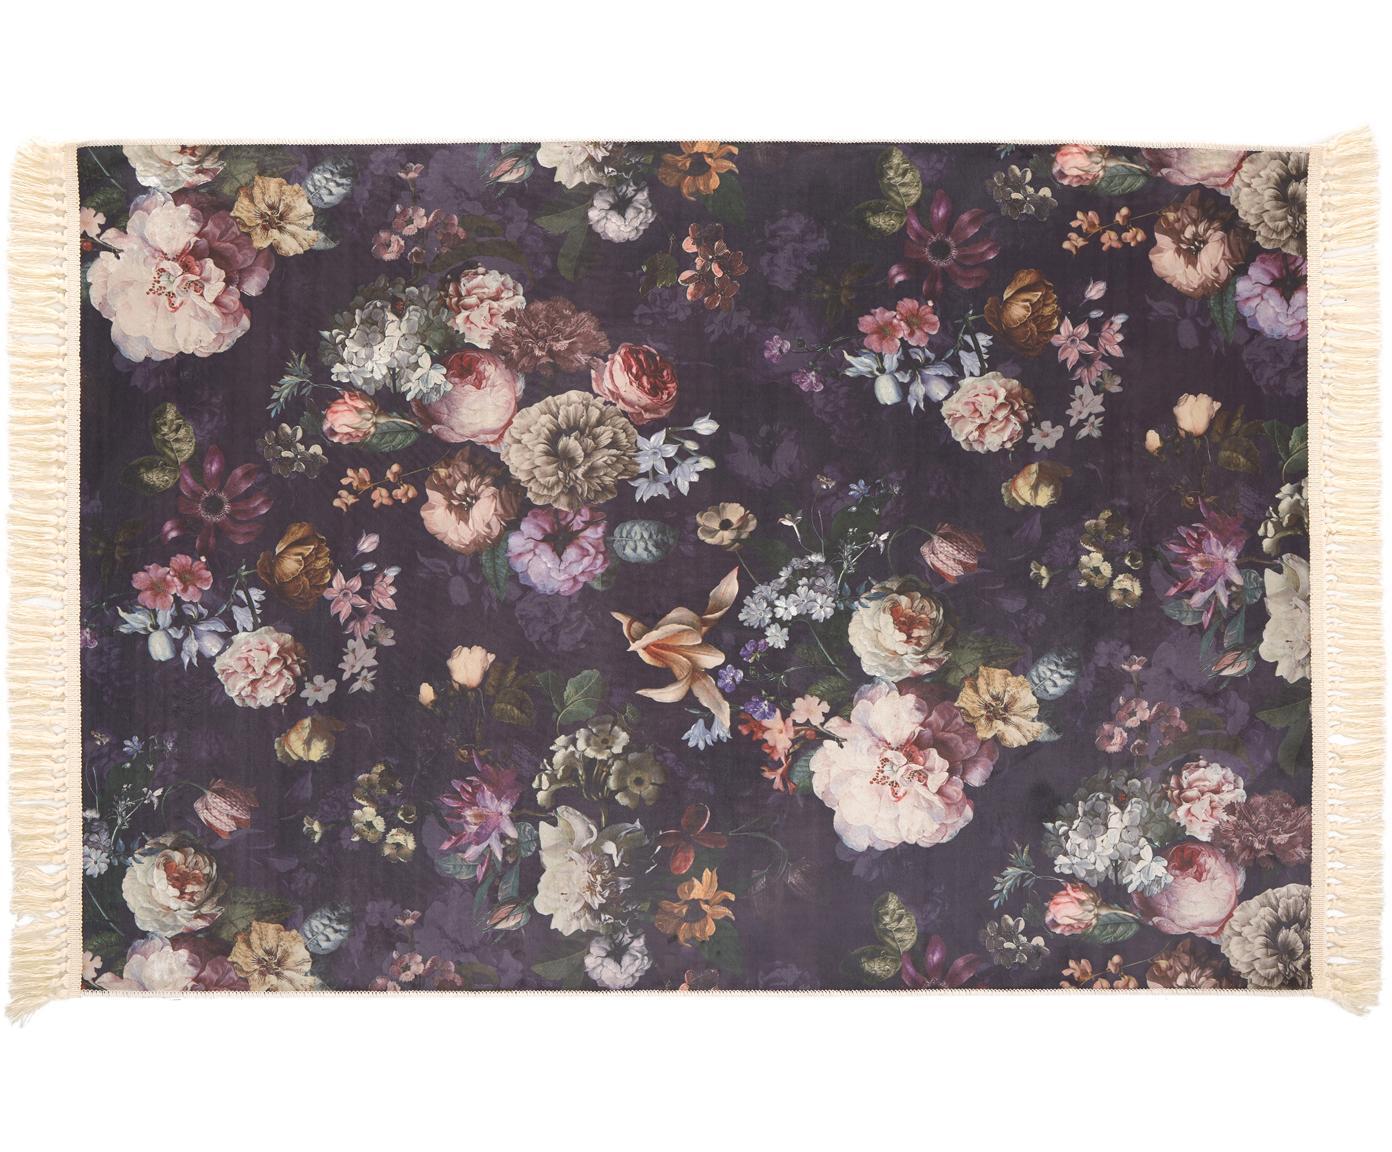 Teppich Fleur mit Blumenmuster und Fransen, 100% Polyester, Nachtblau, B 120 x L 180 cm (Größe S)